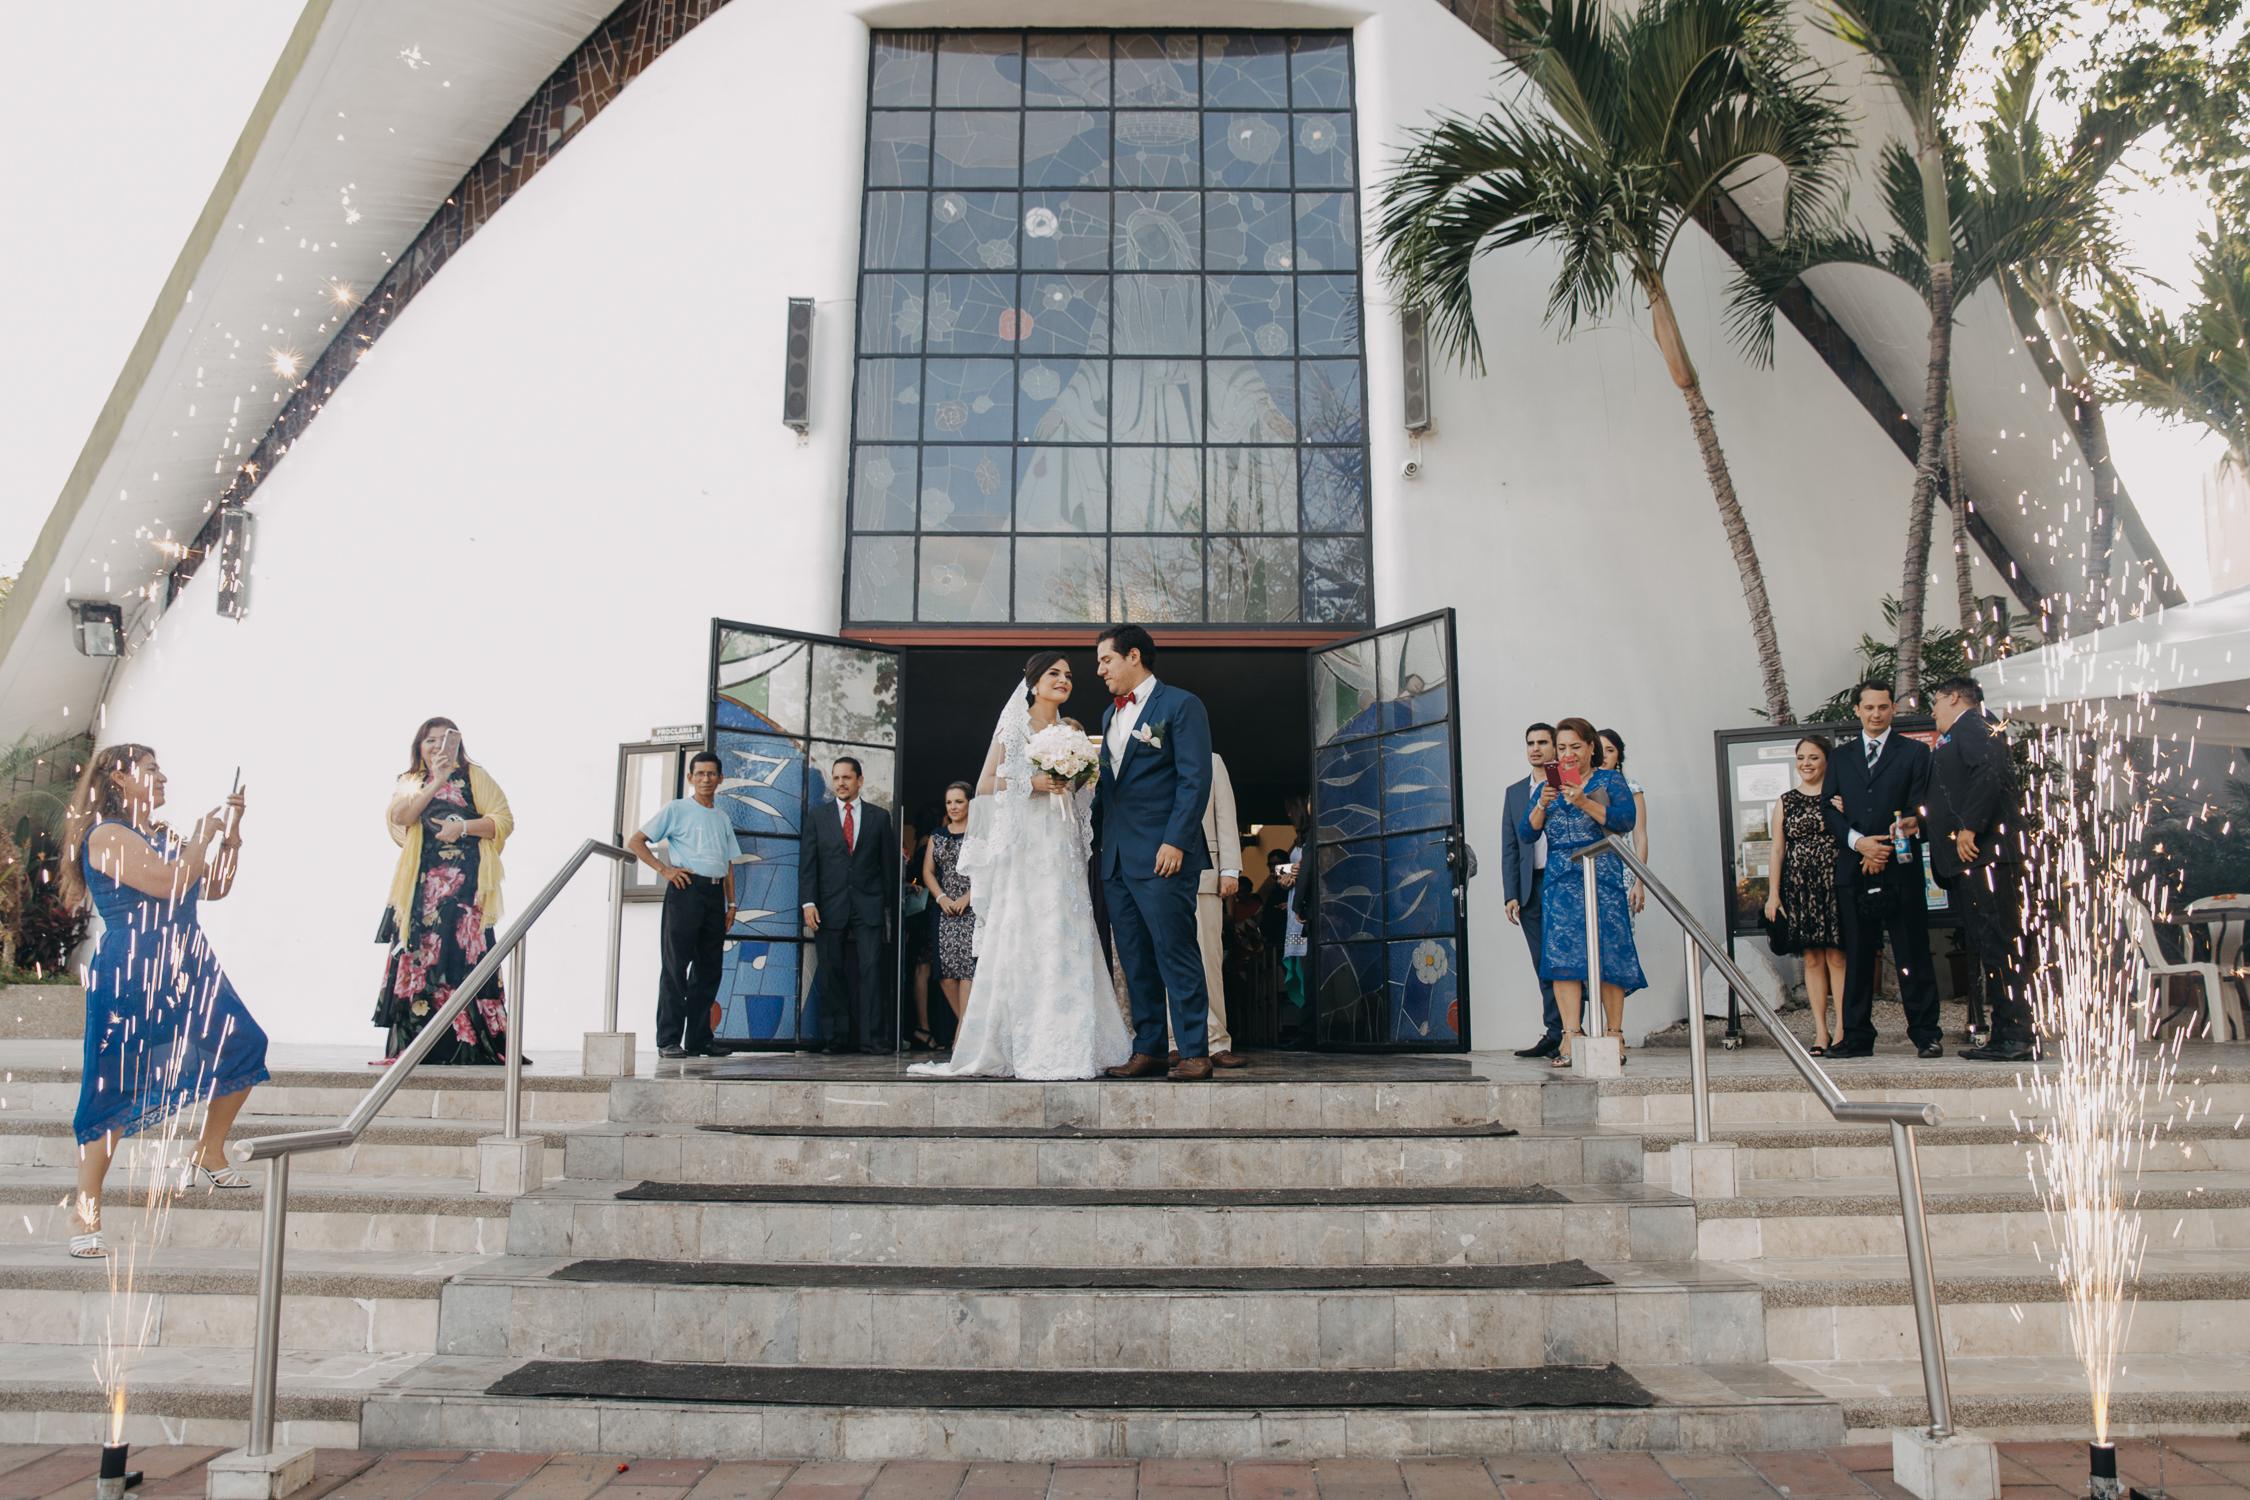 Michelle-Agurto-Fotografia-Bodas-Ecuador-Destination-Wedding-Photographer-Cristi-Luis-65.JPG